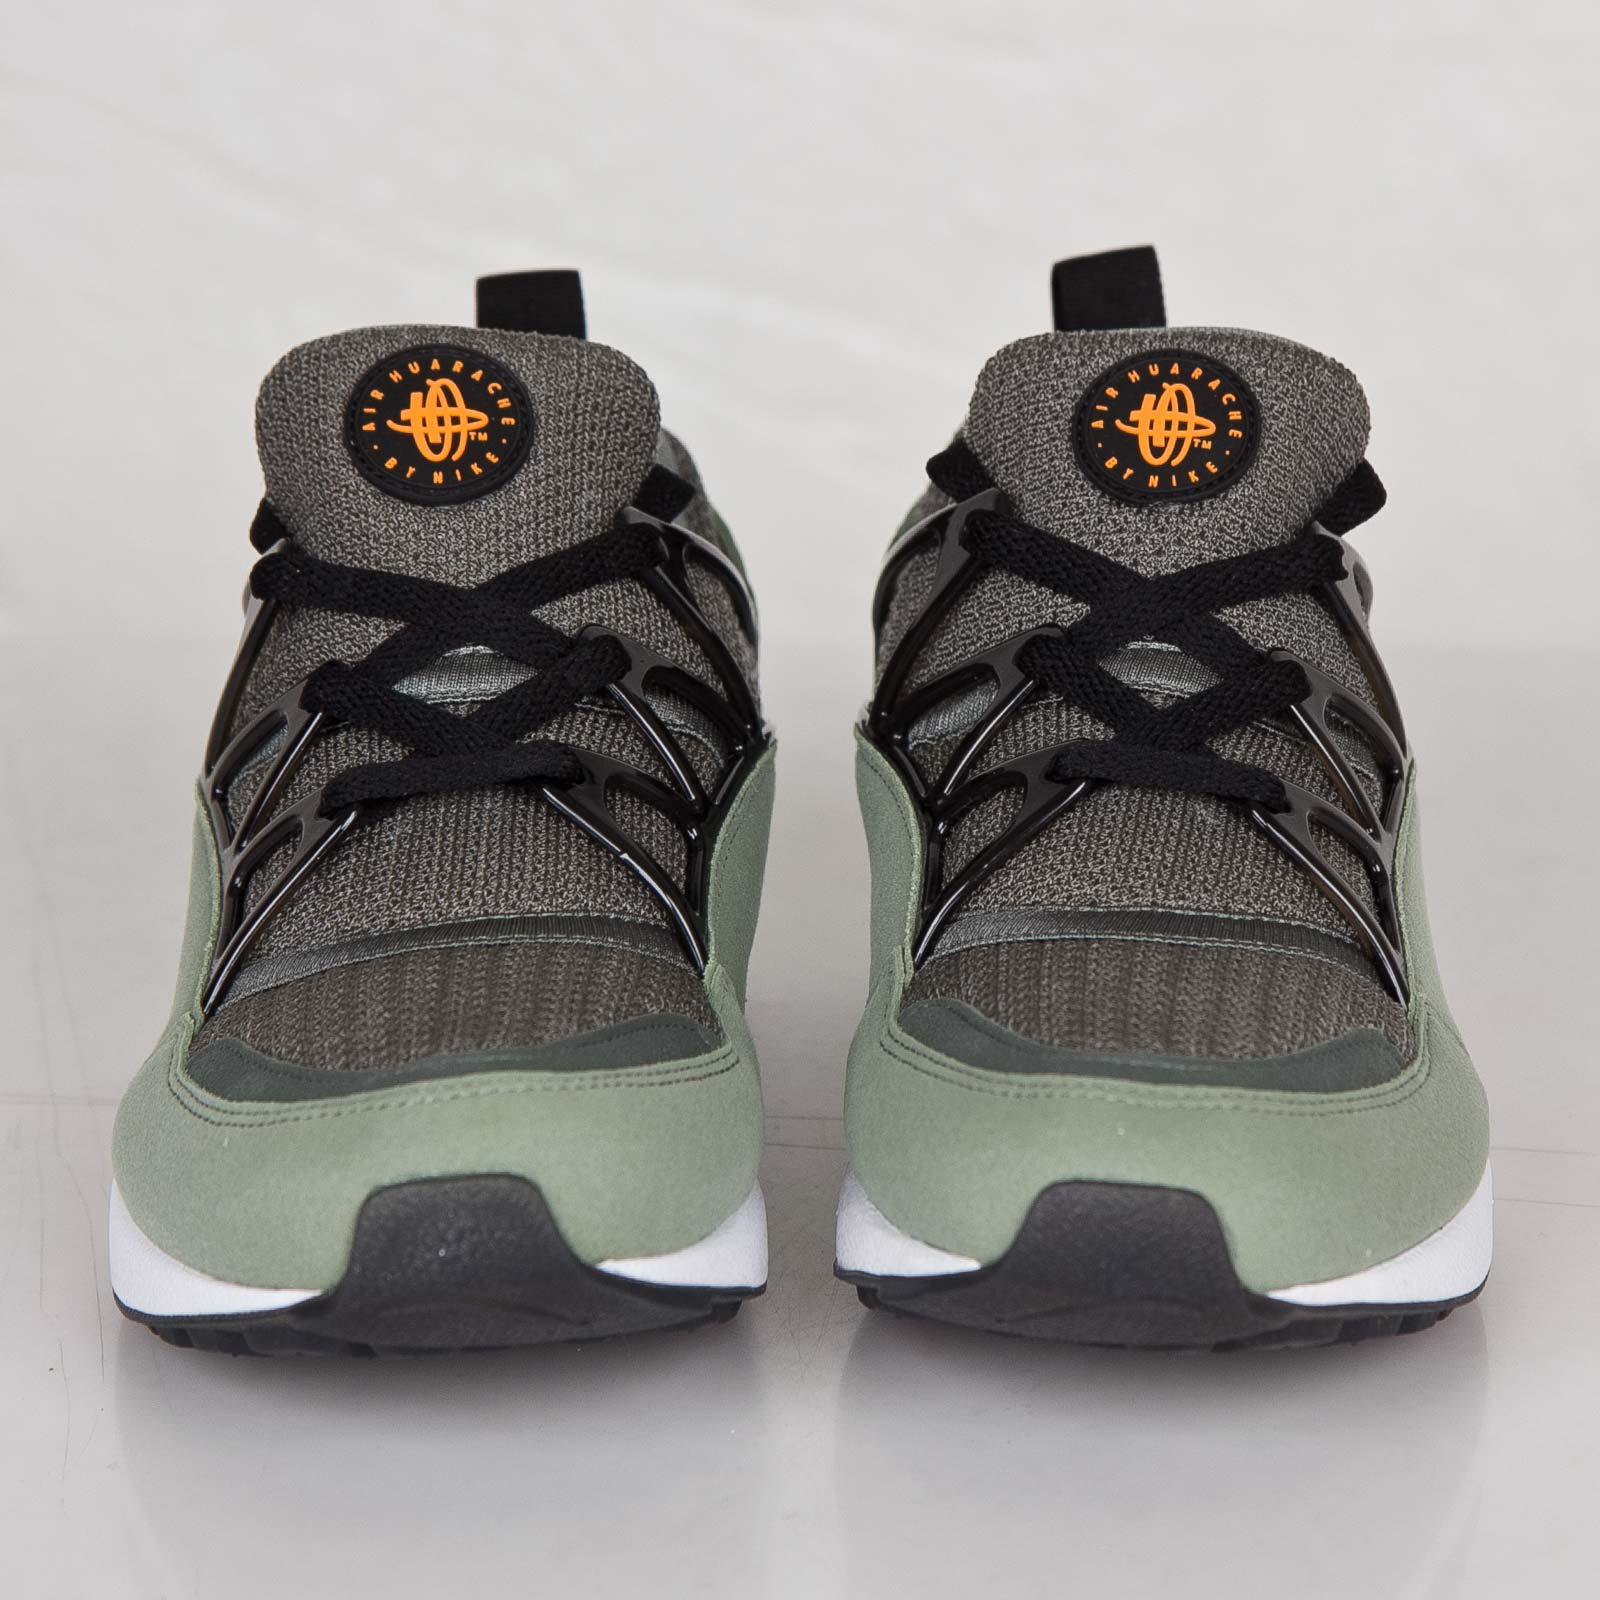 pretty nice 2df28 78cf0 Nike Air Huarache Light - 306127-380 - Sneakersnstuff   sneakers    streetwear online since 1999